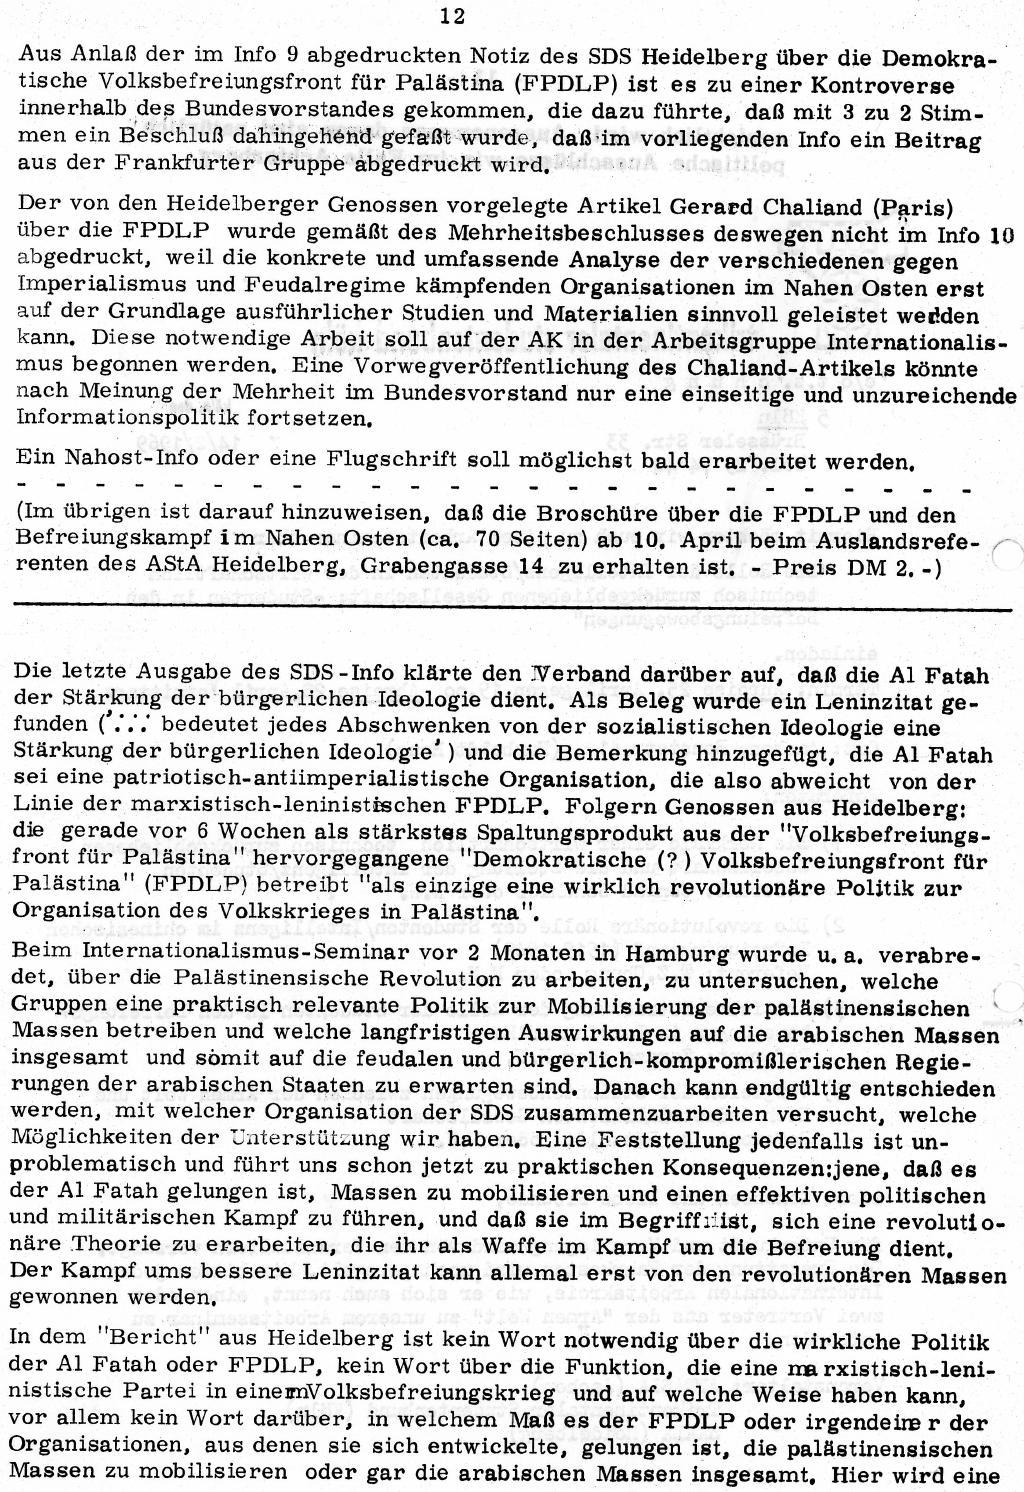 RPK_1969_Sonder02_12